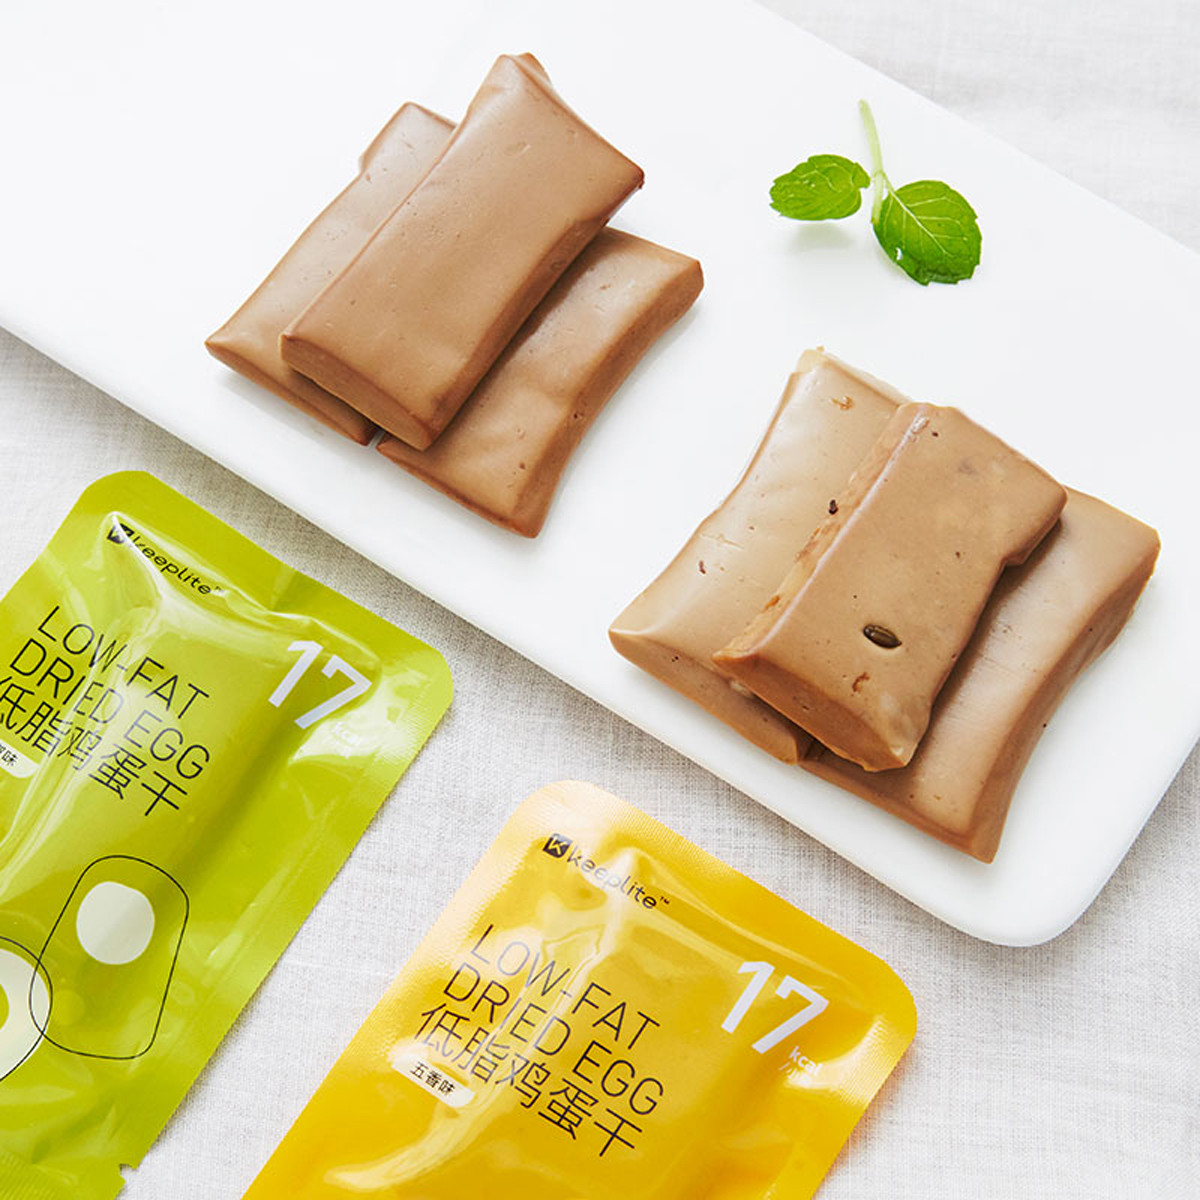 keep低脂鸡蛋干2袋装高蛋白少糖健身轻食便携食品零食健康COLOR混合2袋装